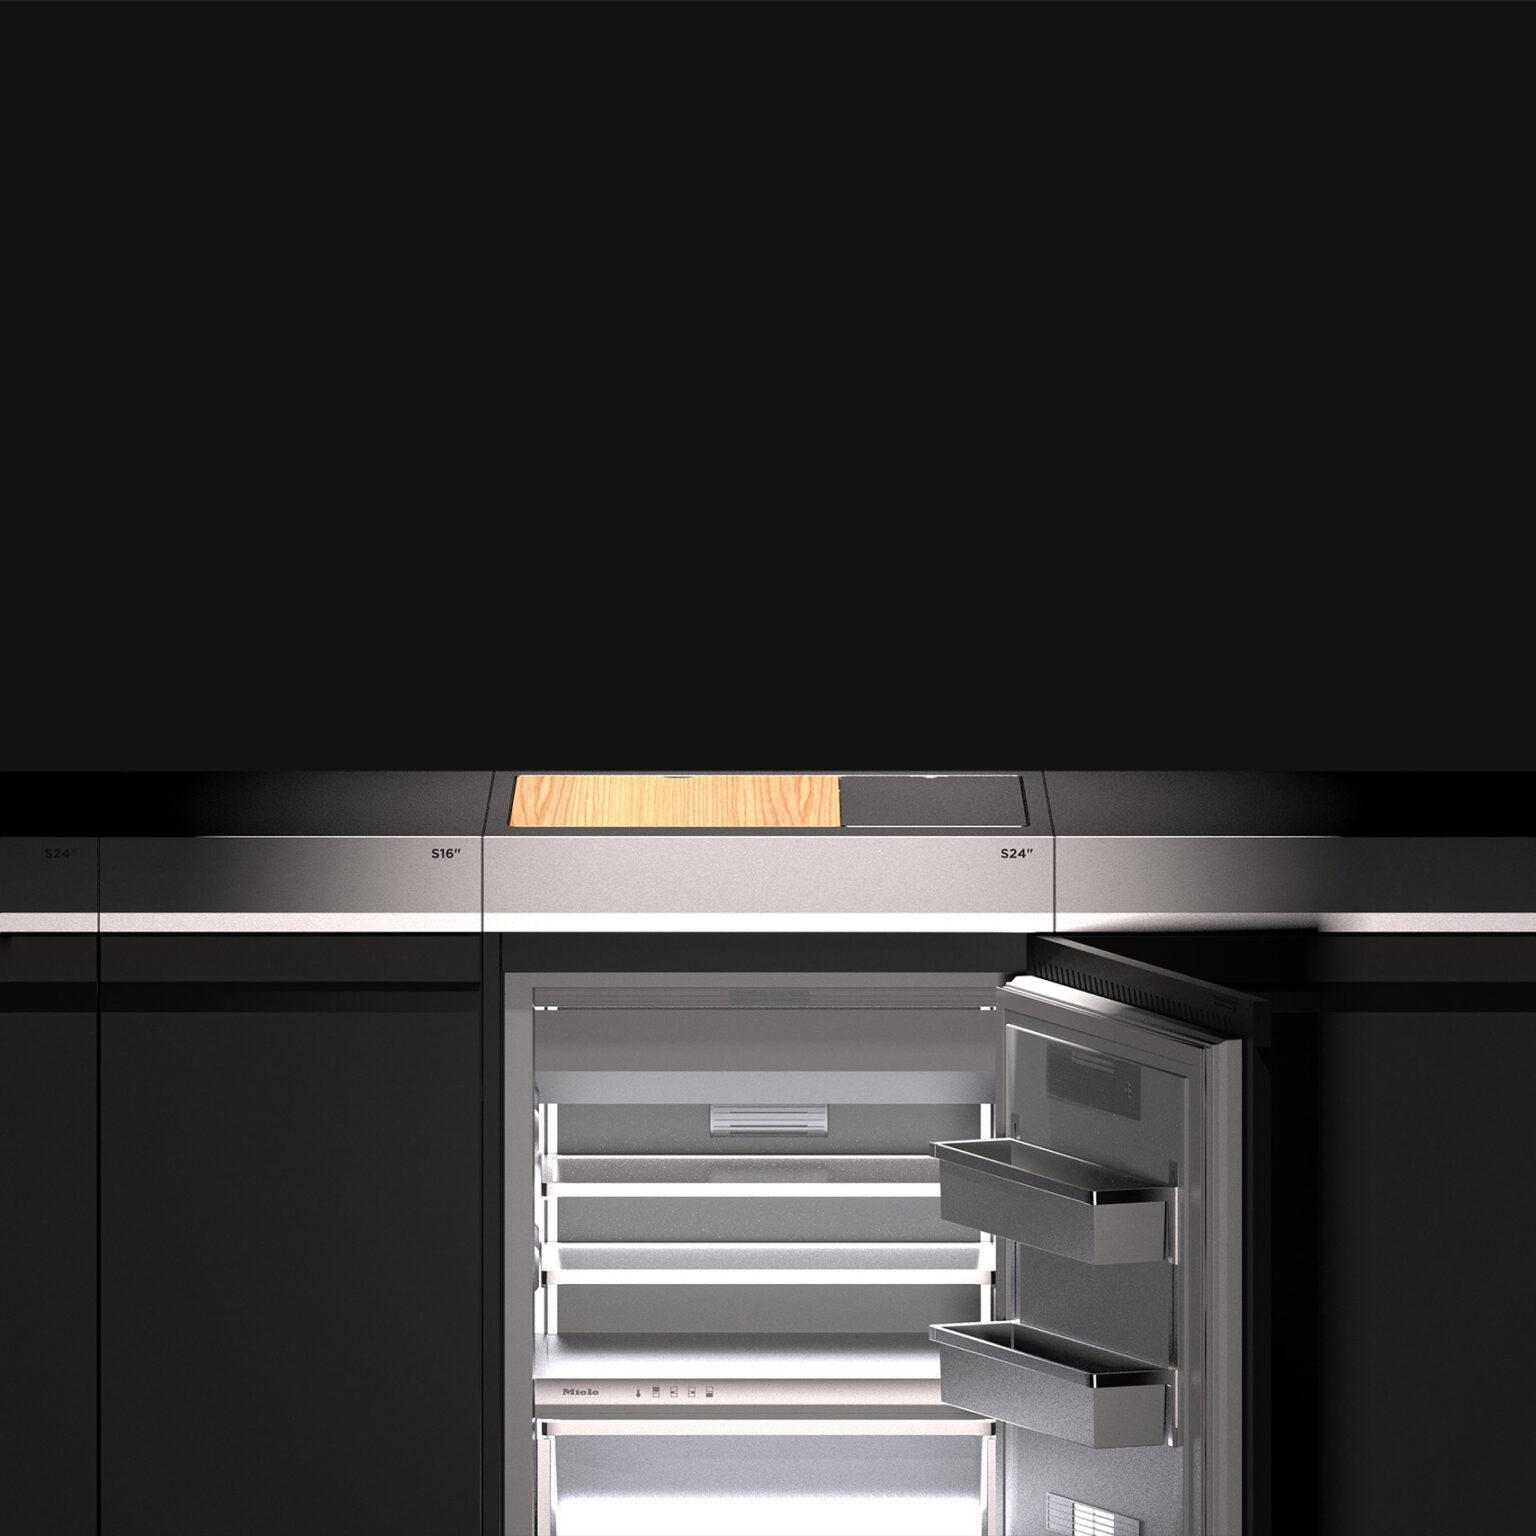 S24_fridge-m